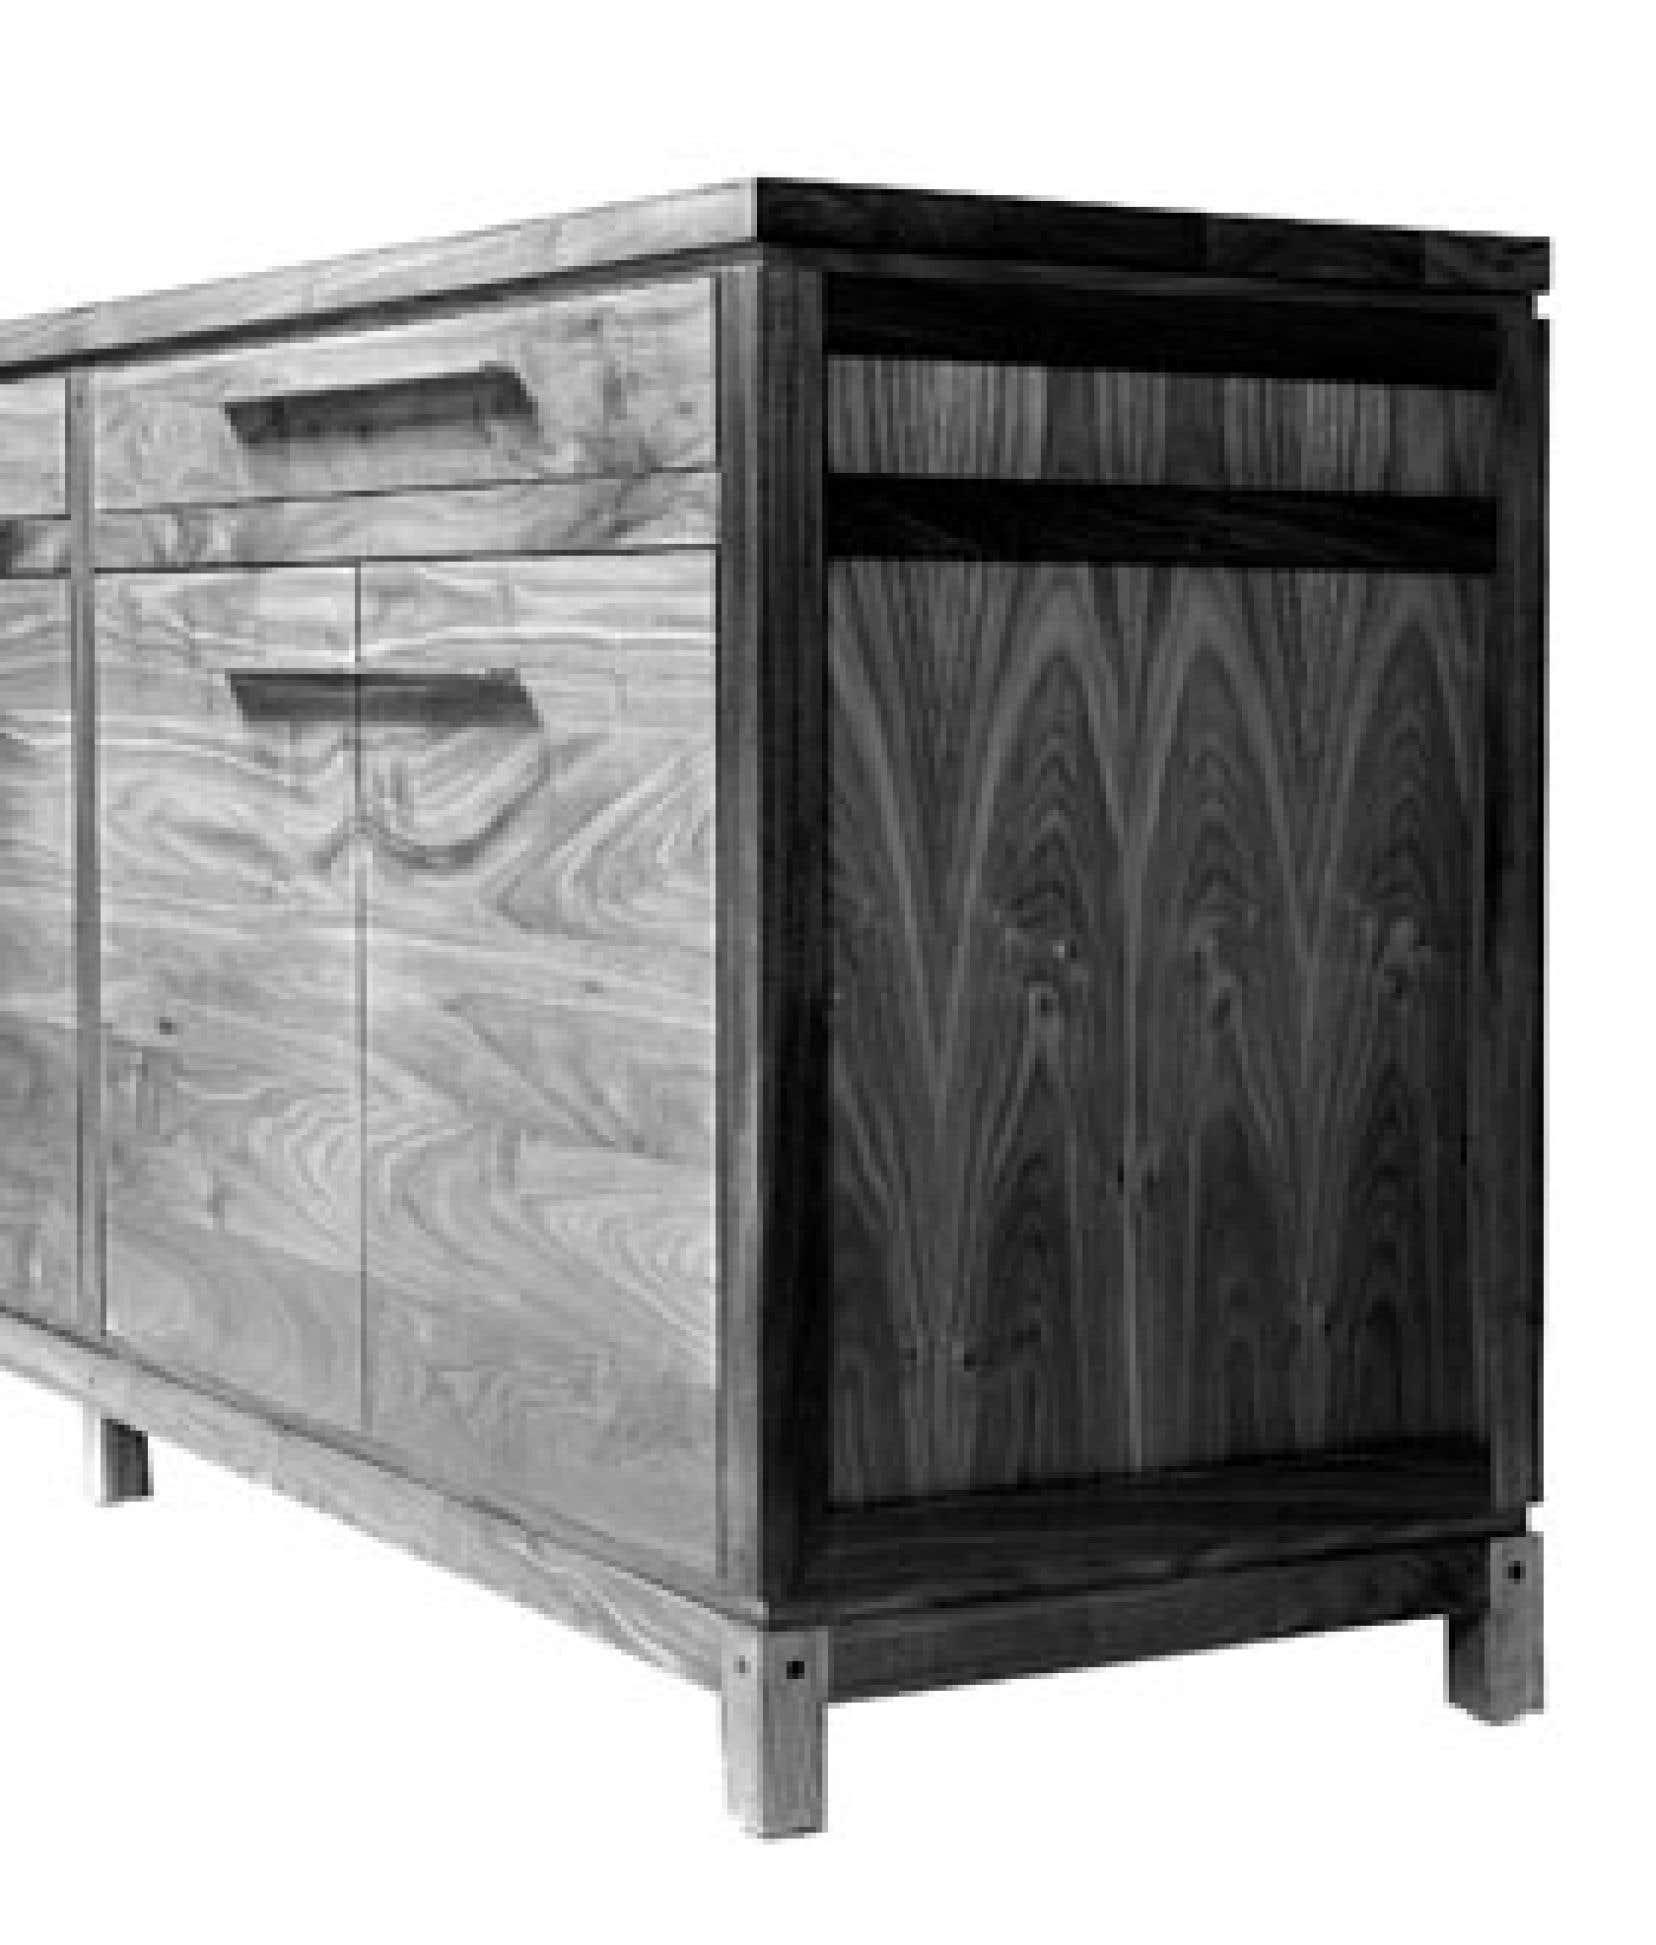 Le virage design des artisans du bois le devoir for Architecte quebecois contemporain